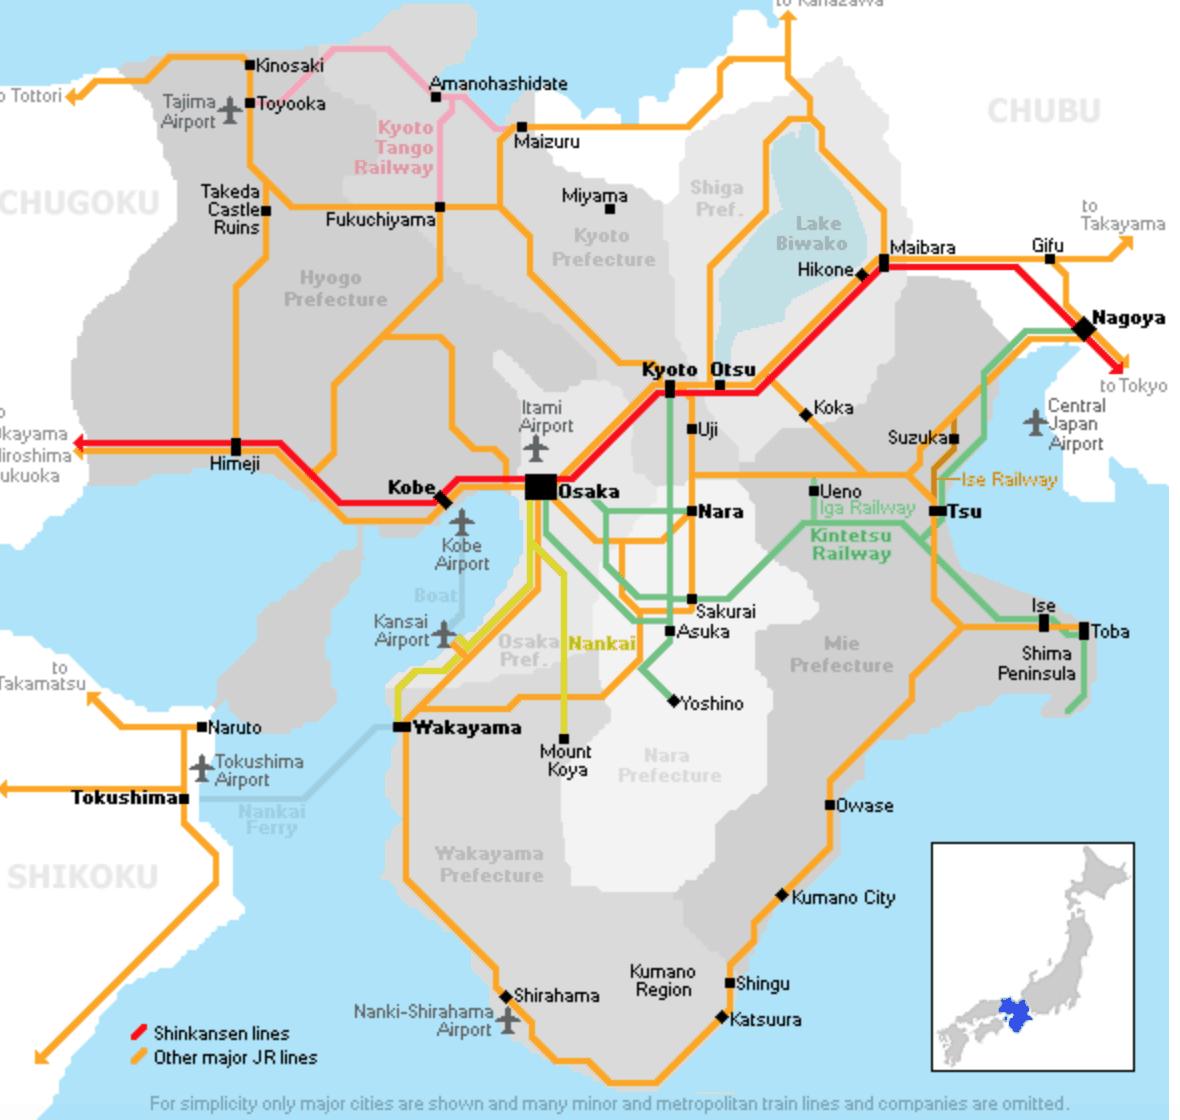 A Rail map of the Kansai region